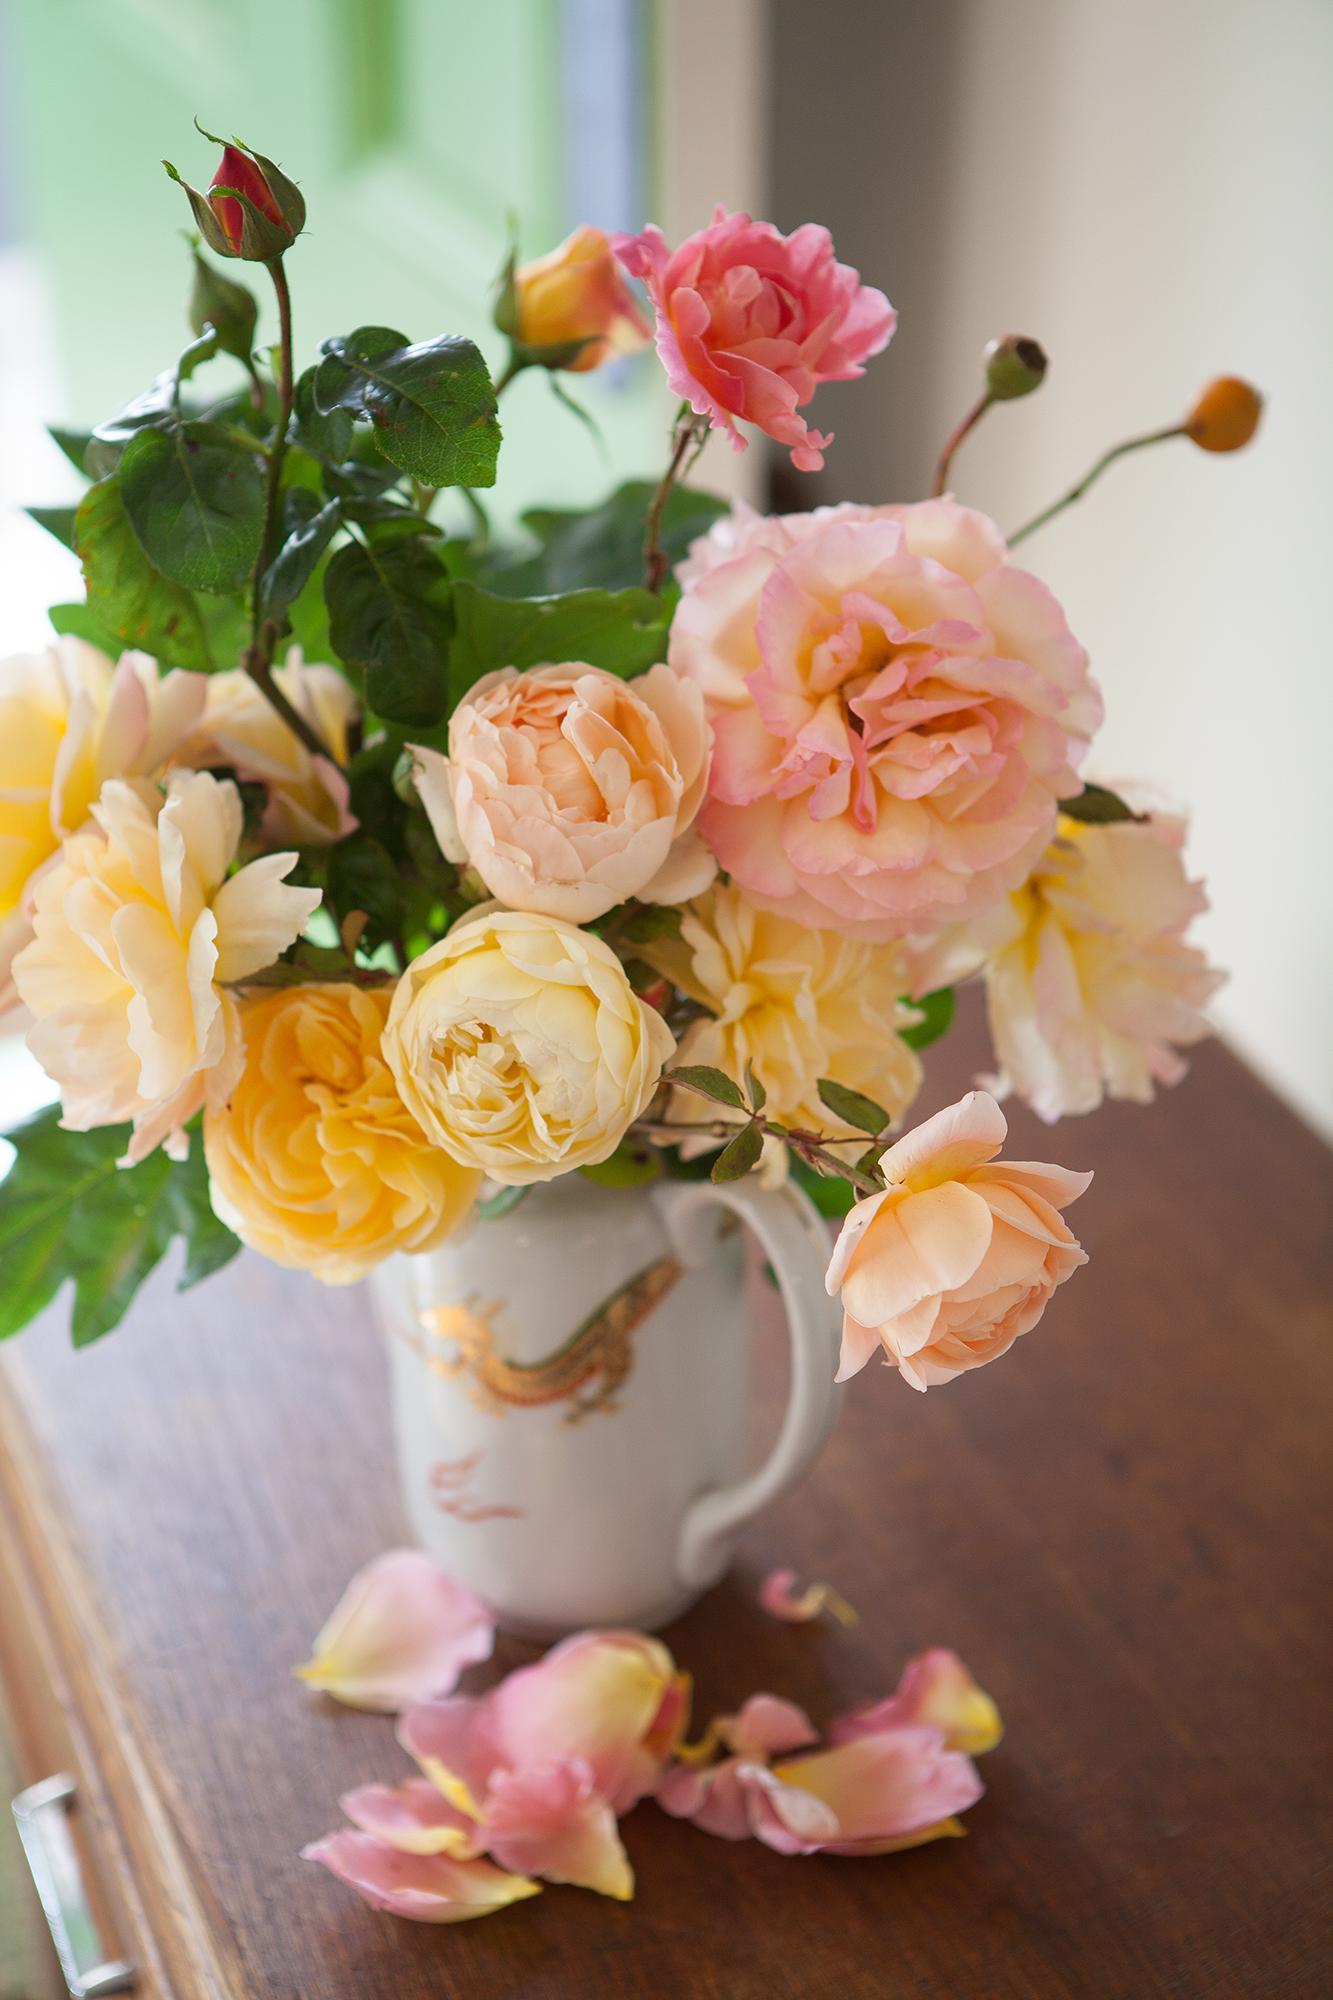 106-Deep-Lead-Lane-roses-in-teapot-vertical-copy.jpg